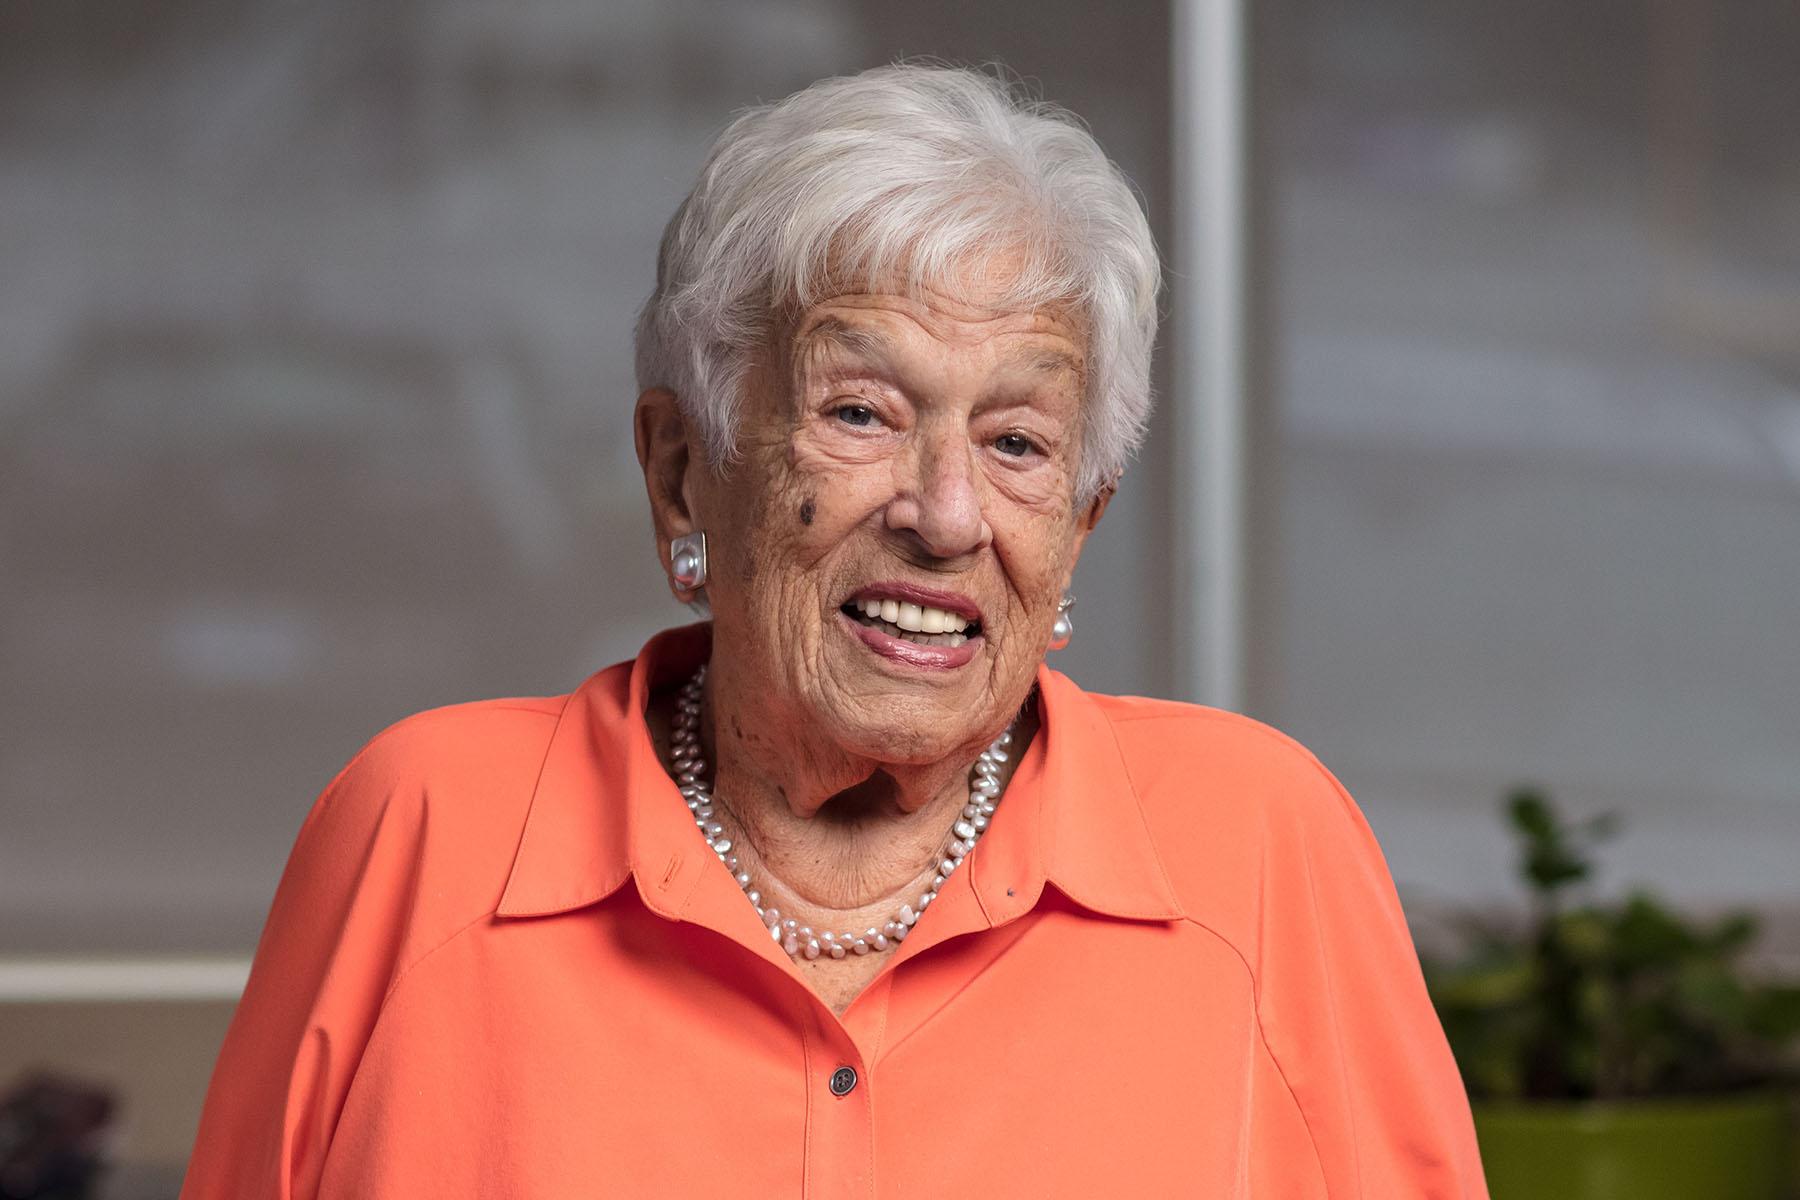 美国户外服饰巨头 Columbia 的女掌门人95岁高龄逝世:从家庭妇女到世界级女企业家